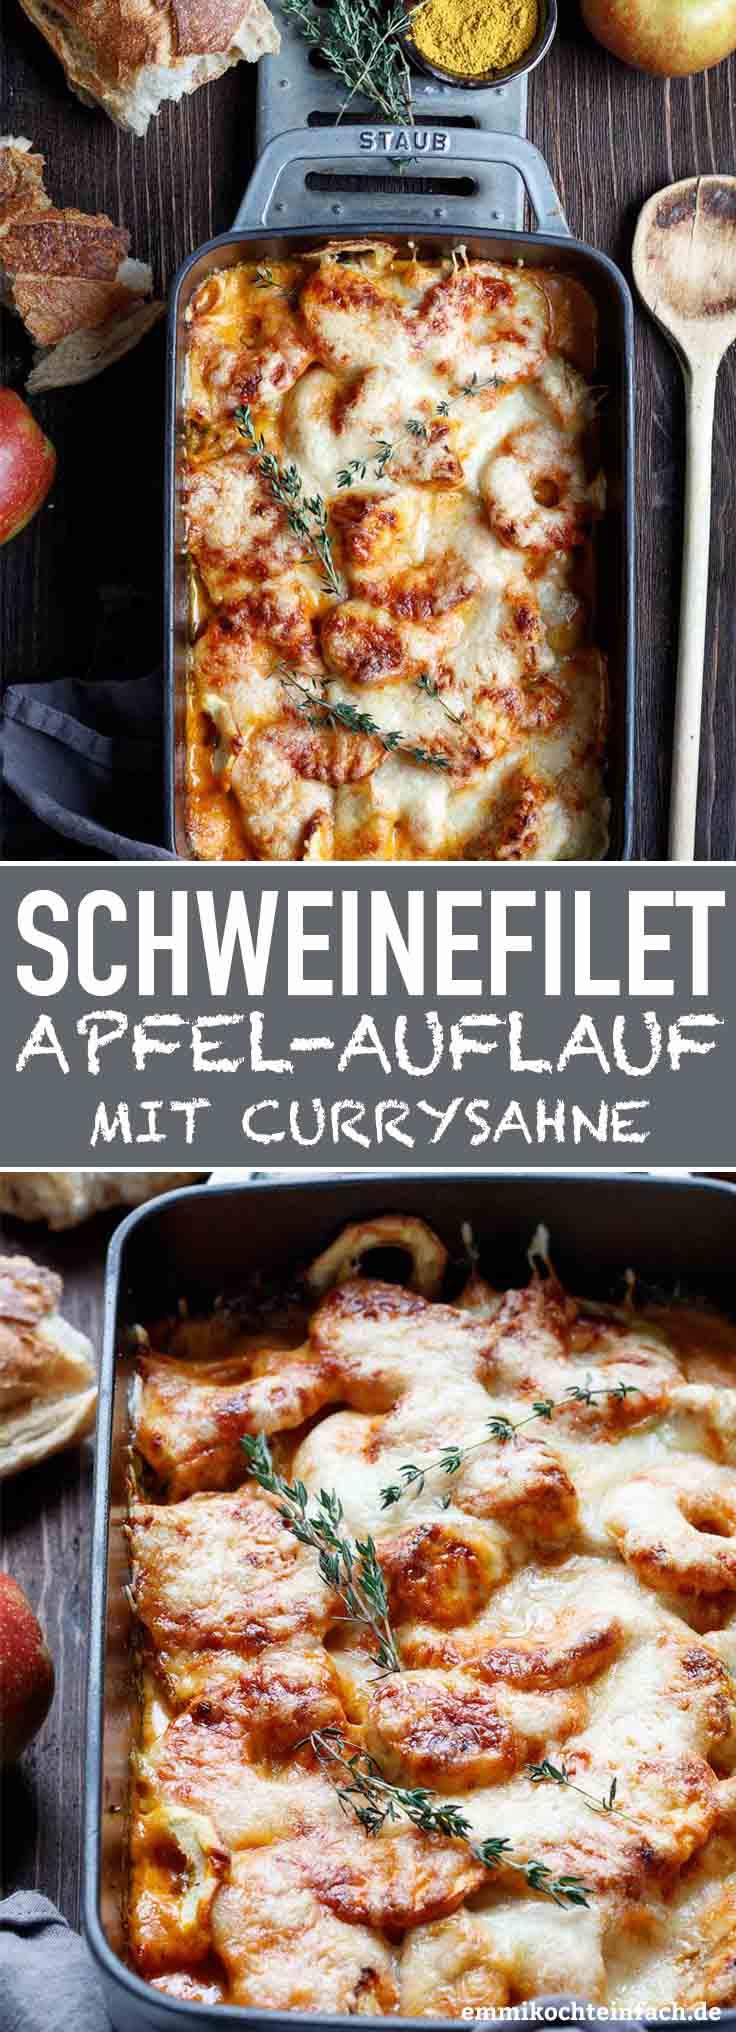 Gratinierter Schweinefilet-Apfel-Auflauf mit Currysahne - www.emmikochteinfach.de